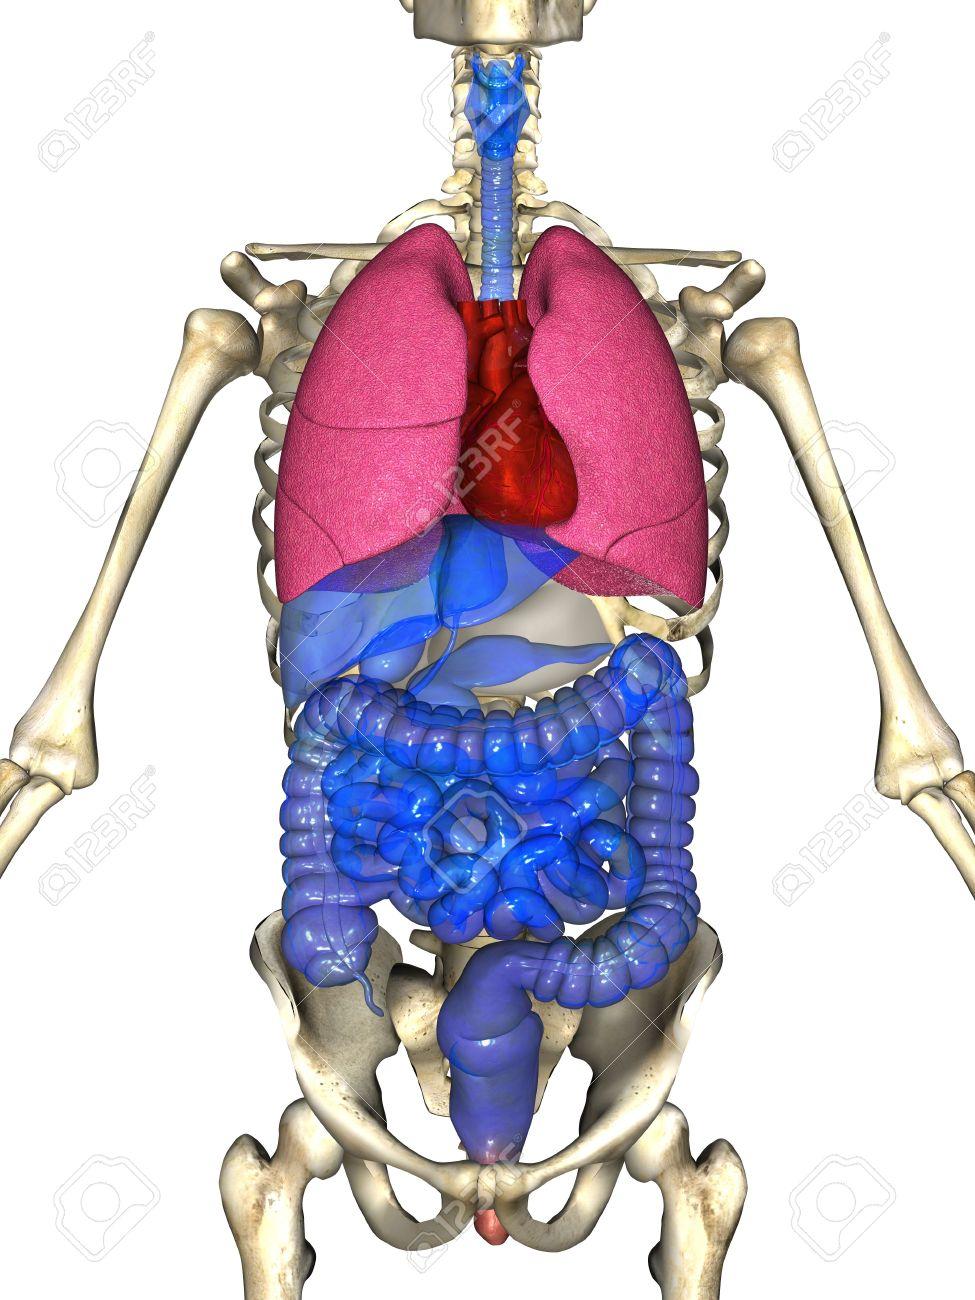 3D Rendering Of Die Wichtige Organsysteme Des Menschlichen Körpers ...